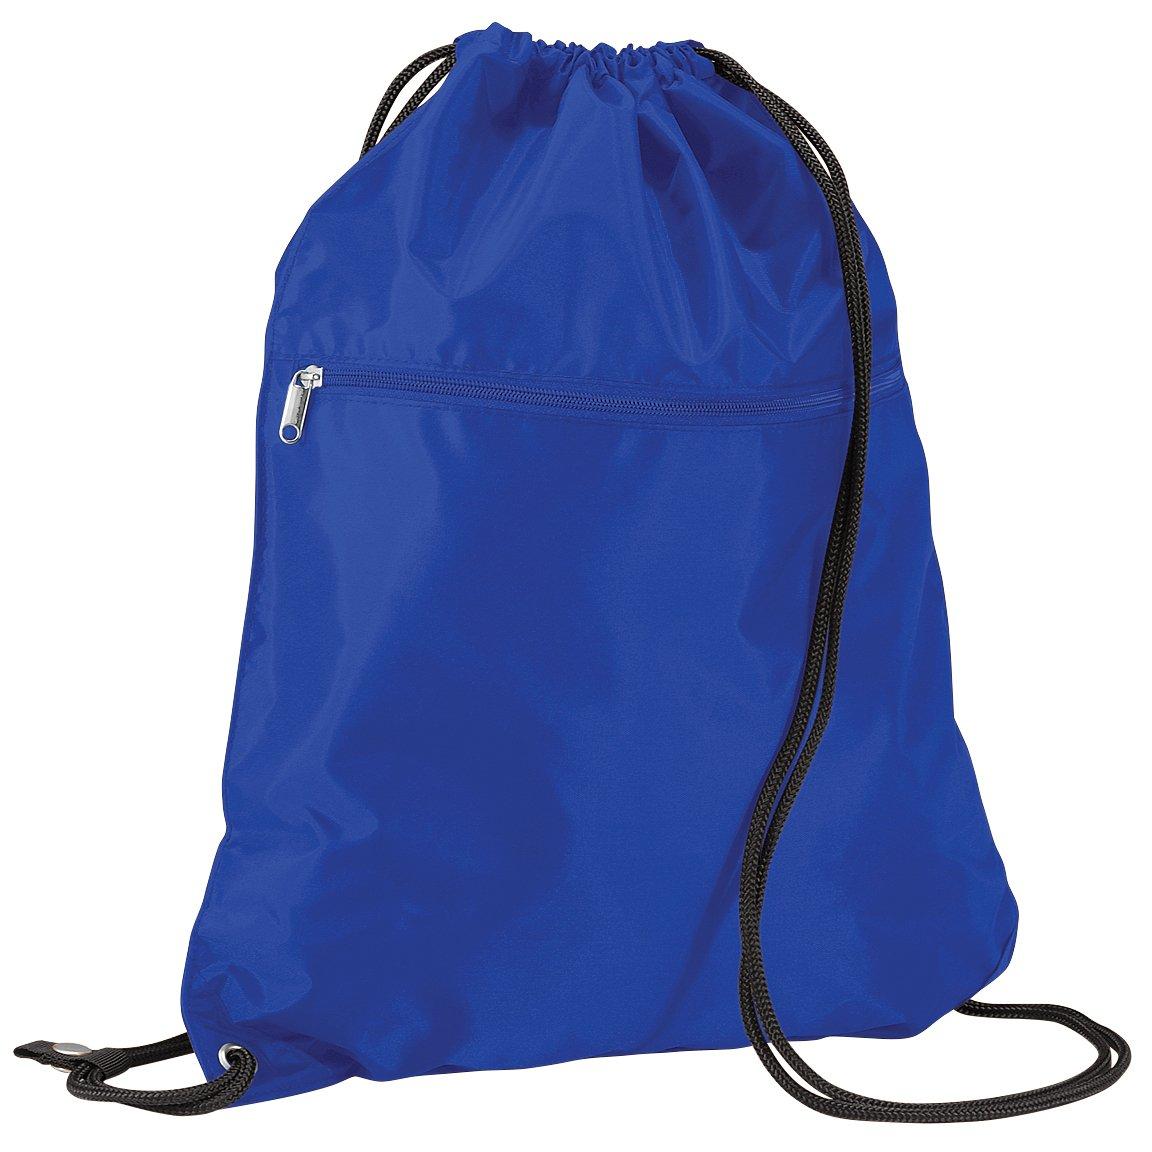 Quadra Premium Gymsac Over Shoulder Bag - 14 Litres UTBC771_1